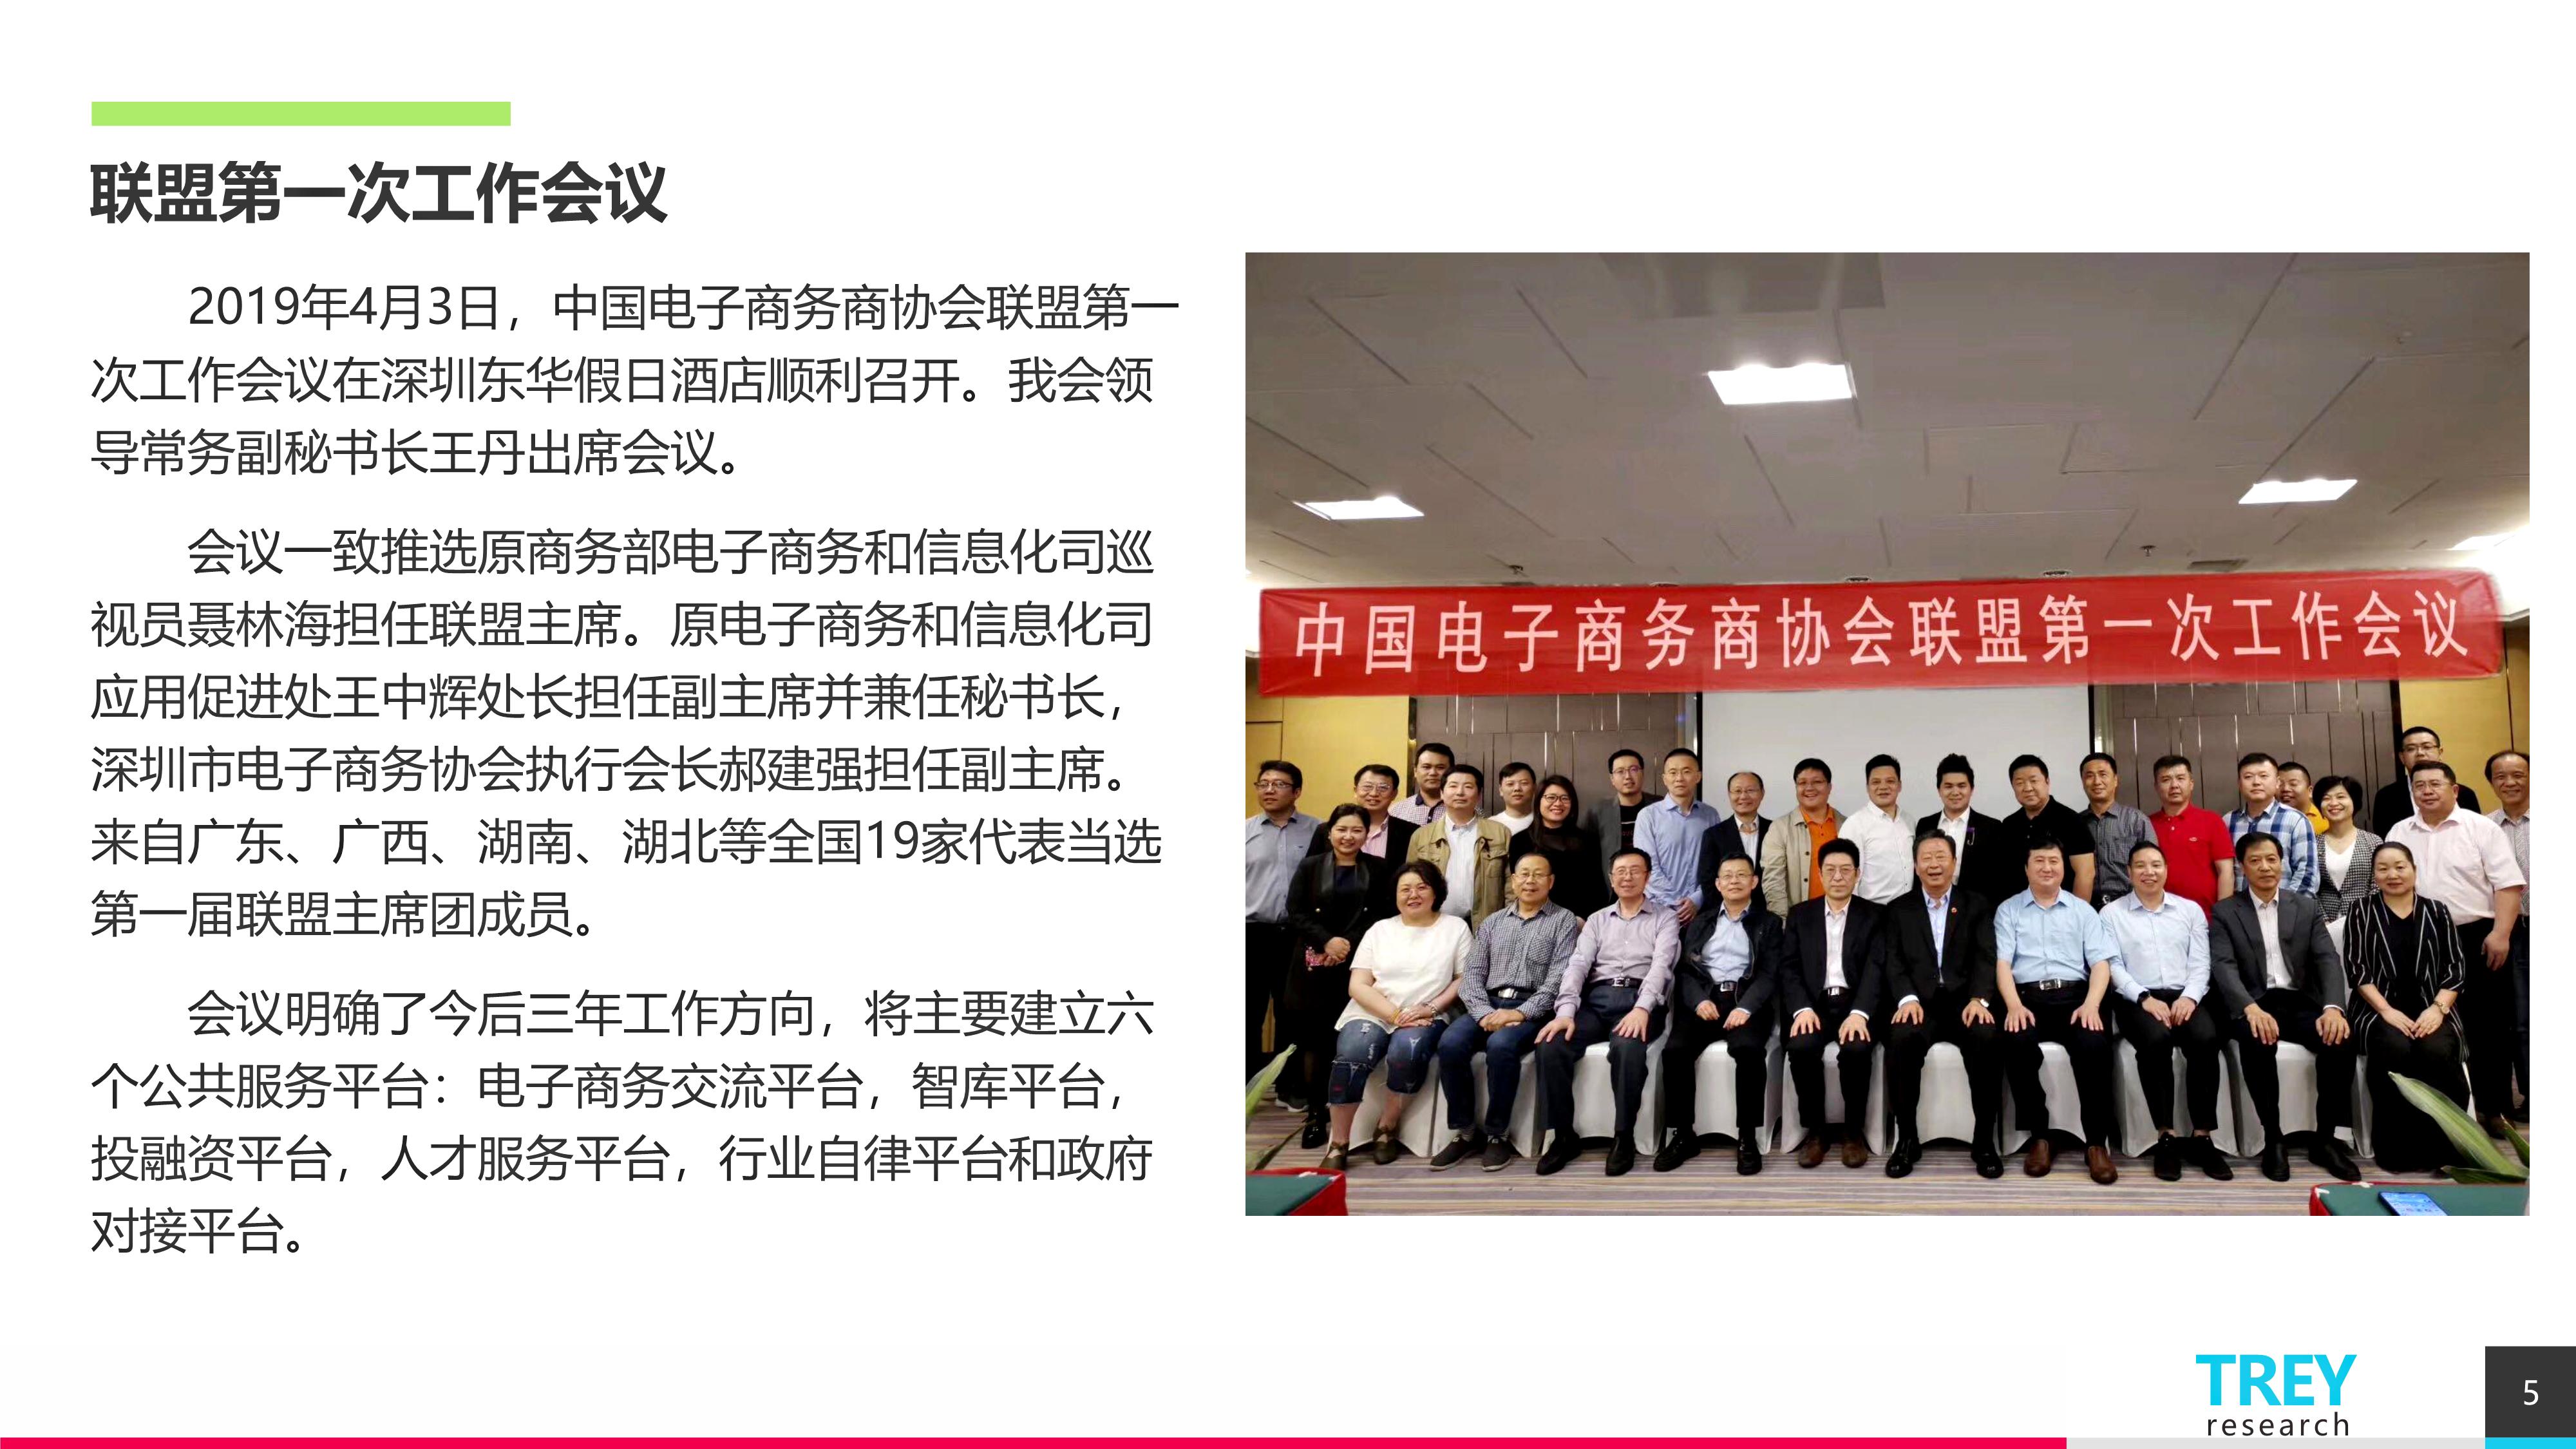 10中国电子商务商协会联盟0220-1_5